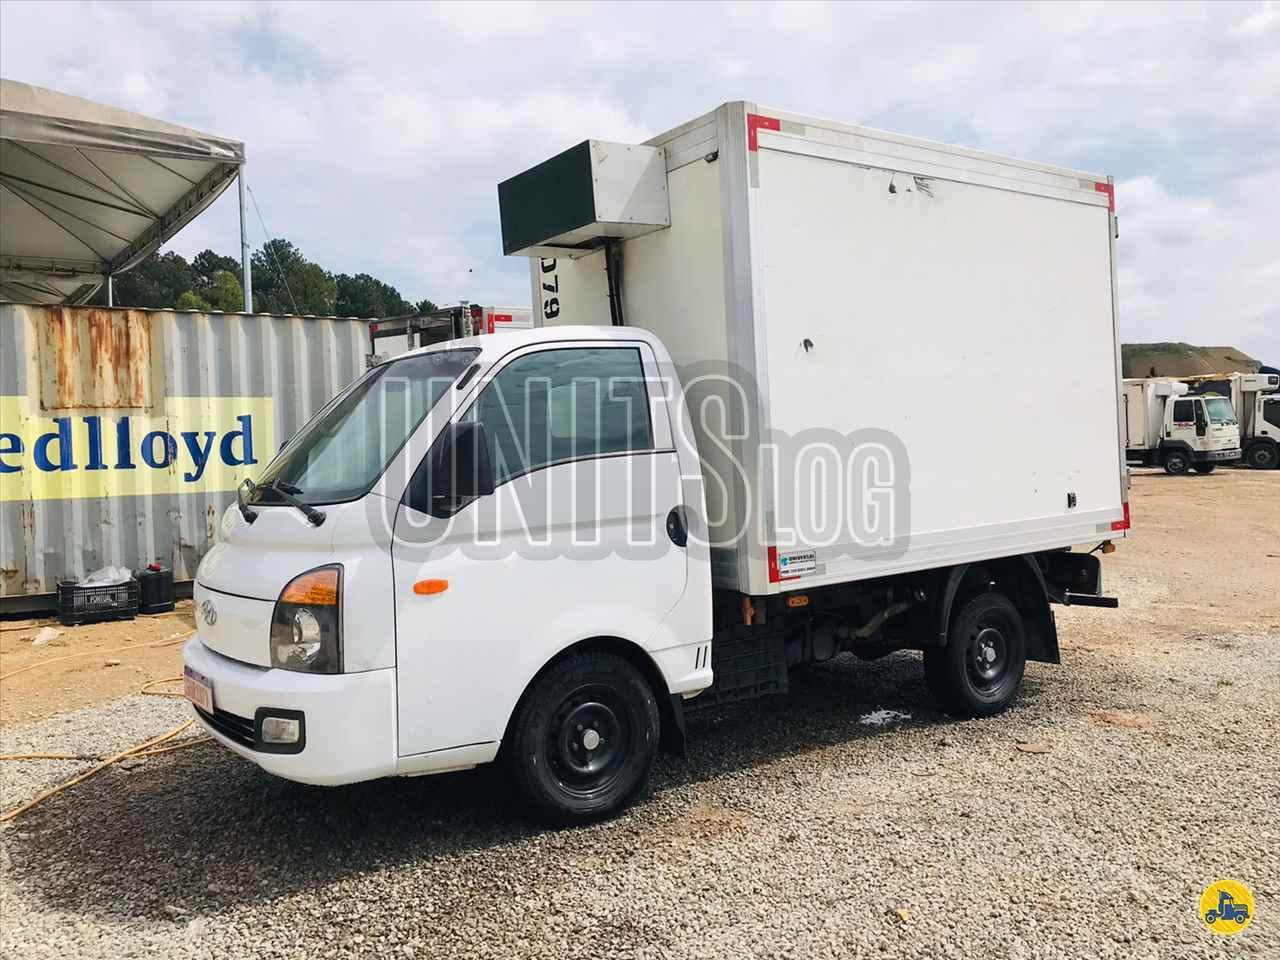 CAMINHAO HYUNDAI HR Baú Térmico 3/4 4x2 Unitslog Caminhões ITAPECERICA DA SERRA SÃO PAULO SP